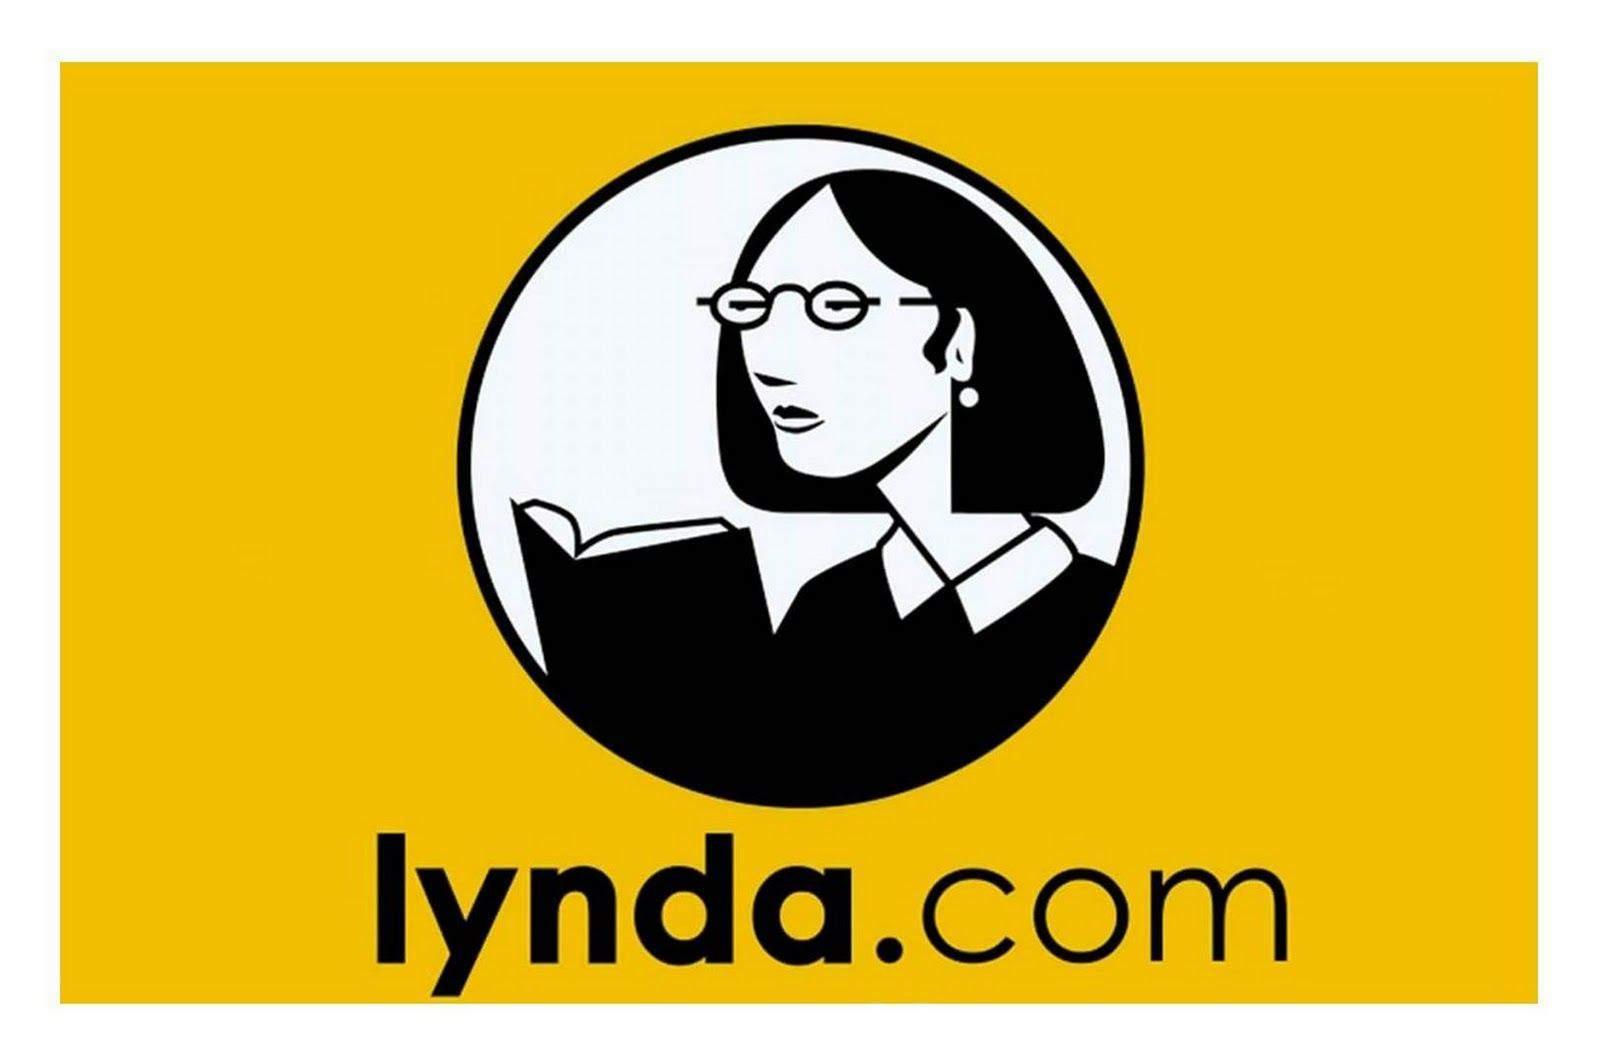 Lynda Group buy